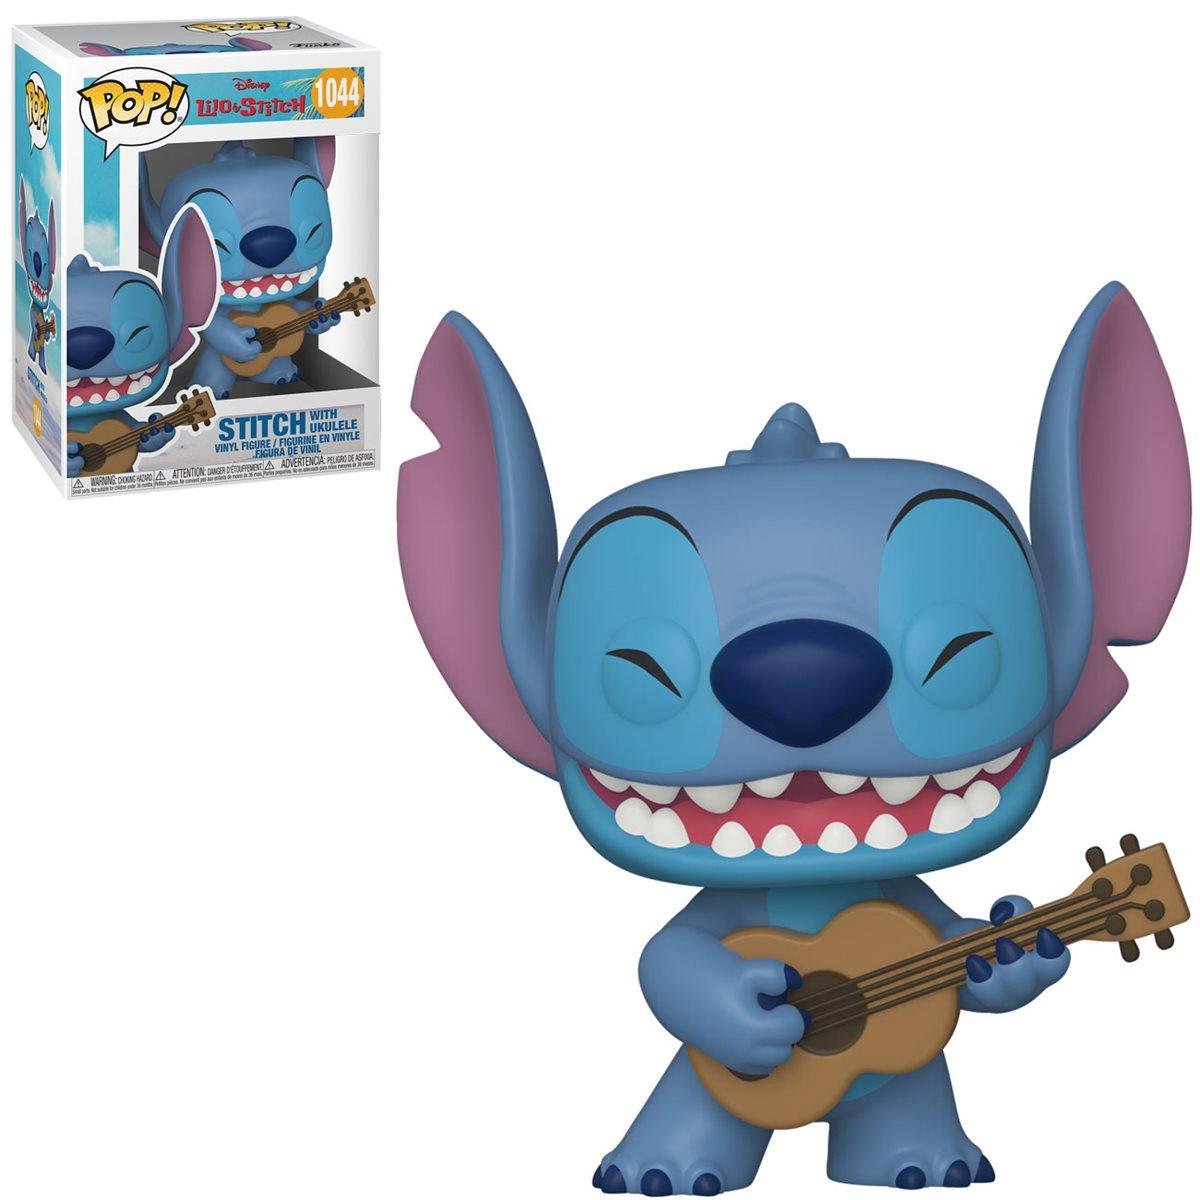 PRÉ VENDA: Funko Pop! Stitch Com Ukulele: Lilo & Stitch Disney #1044 - Funko